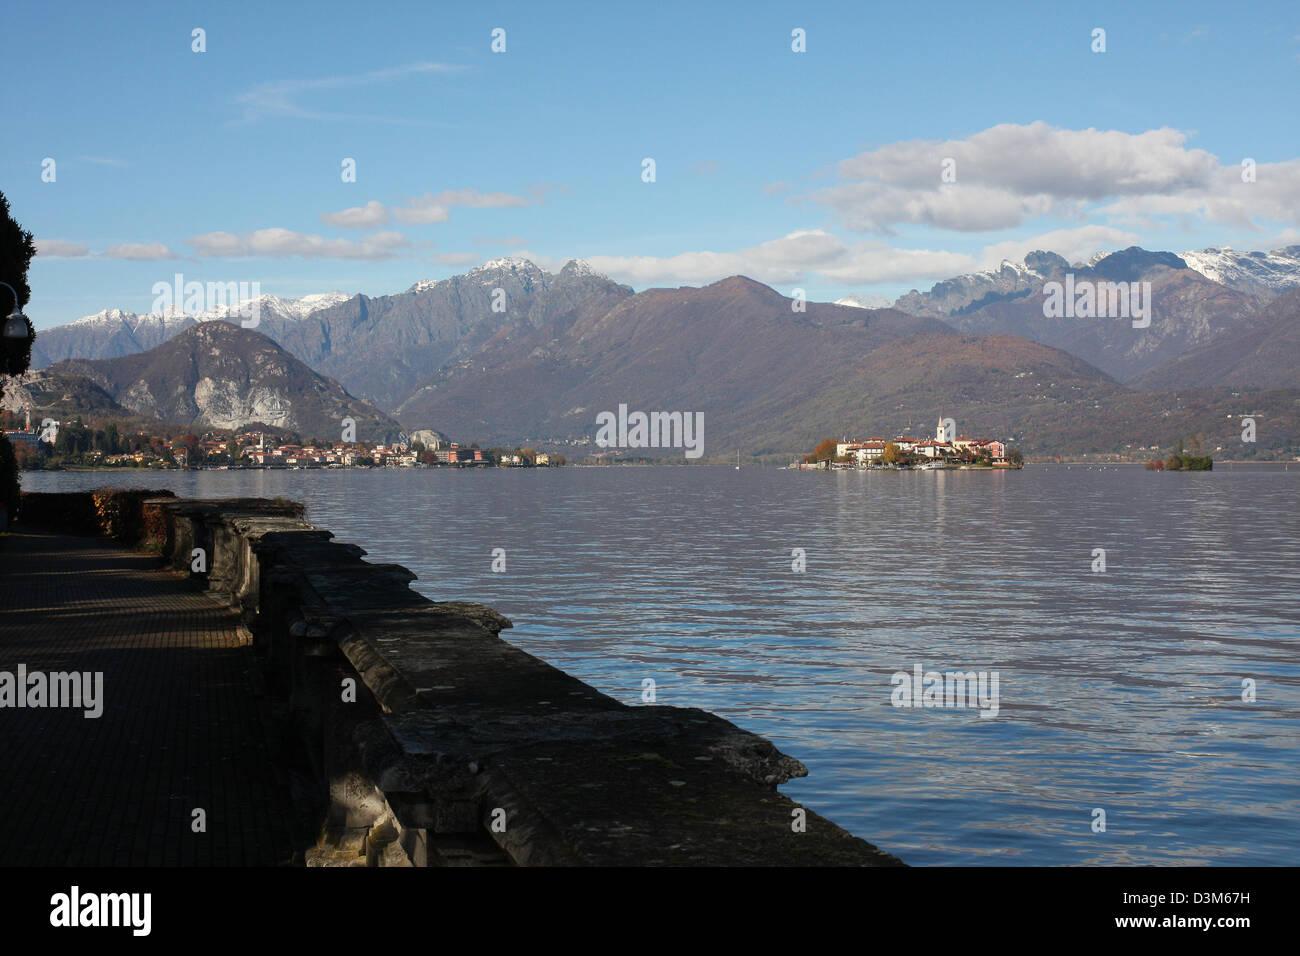 Isola dei Pescatori (lit. Fishermen's Island) Italy, Lake Maggiore - Stock Image